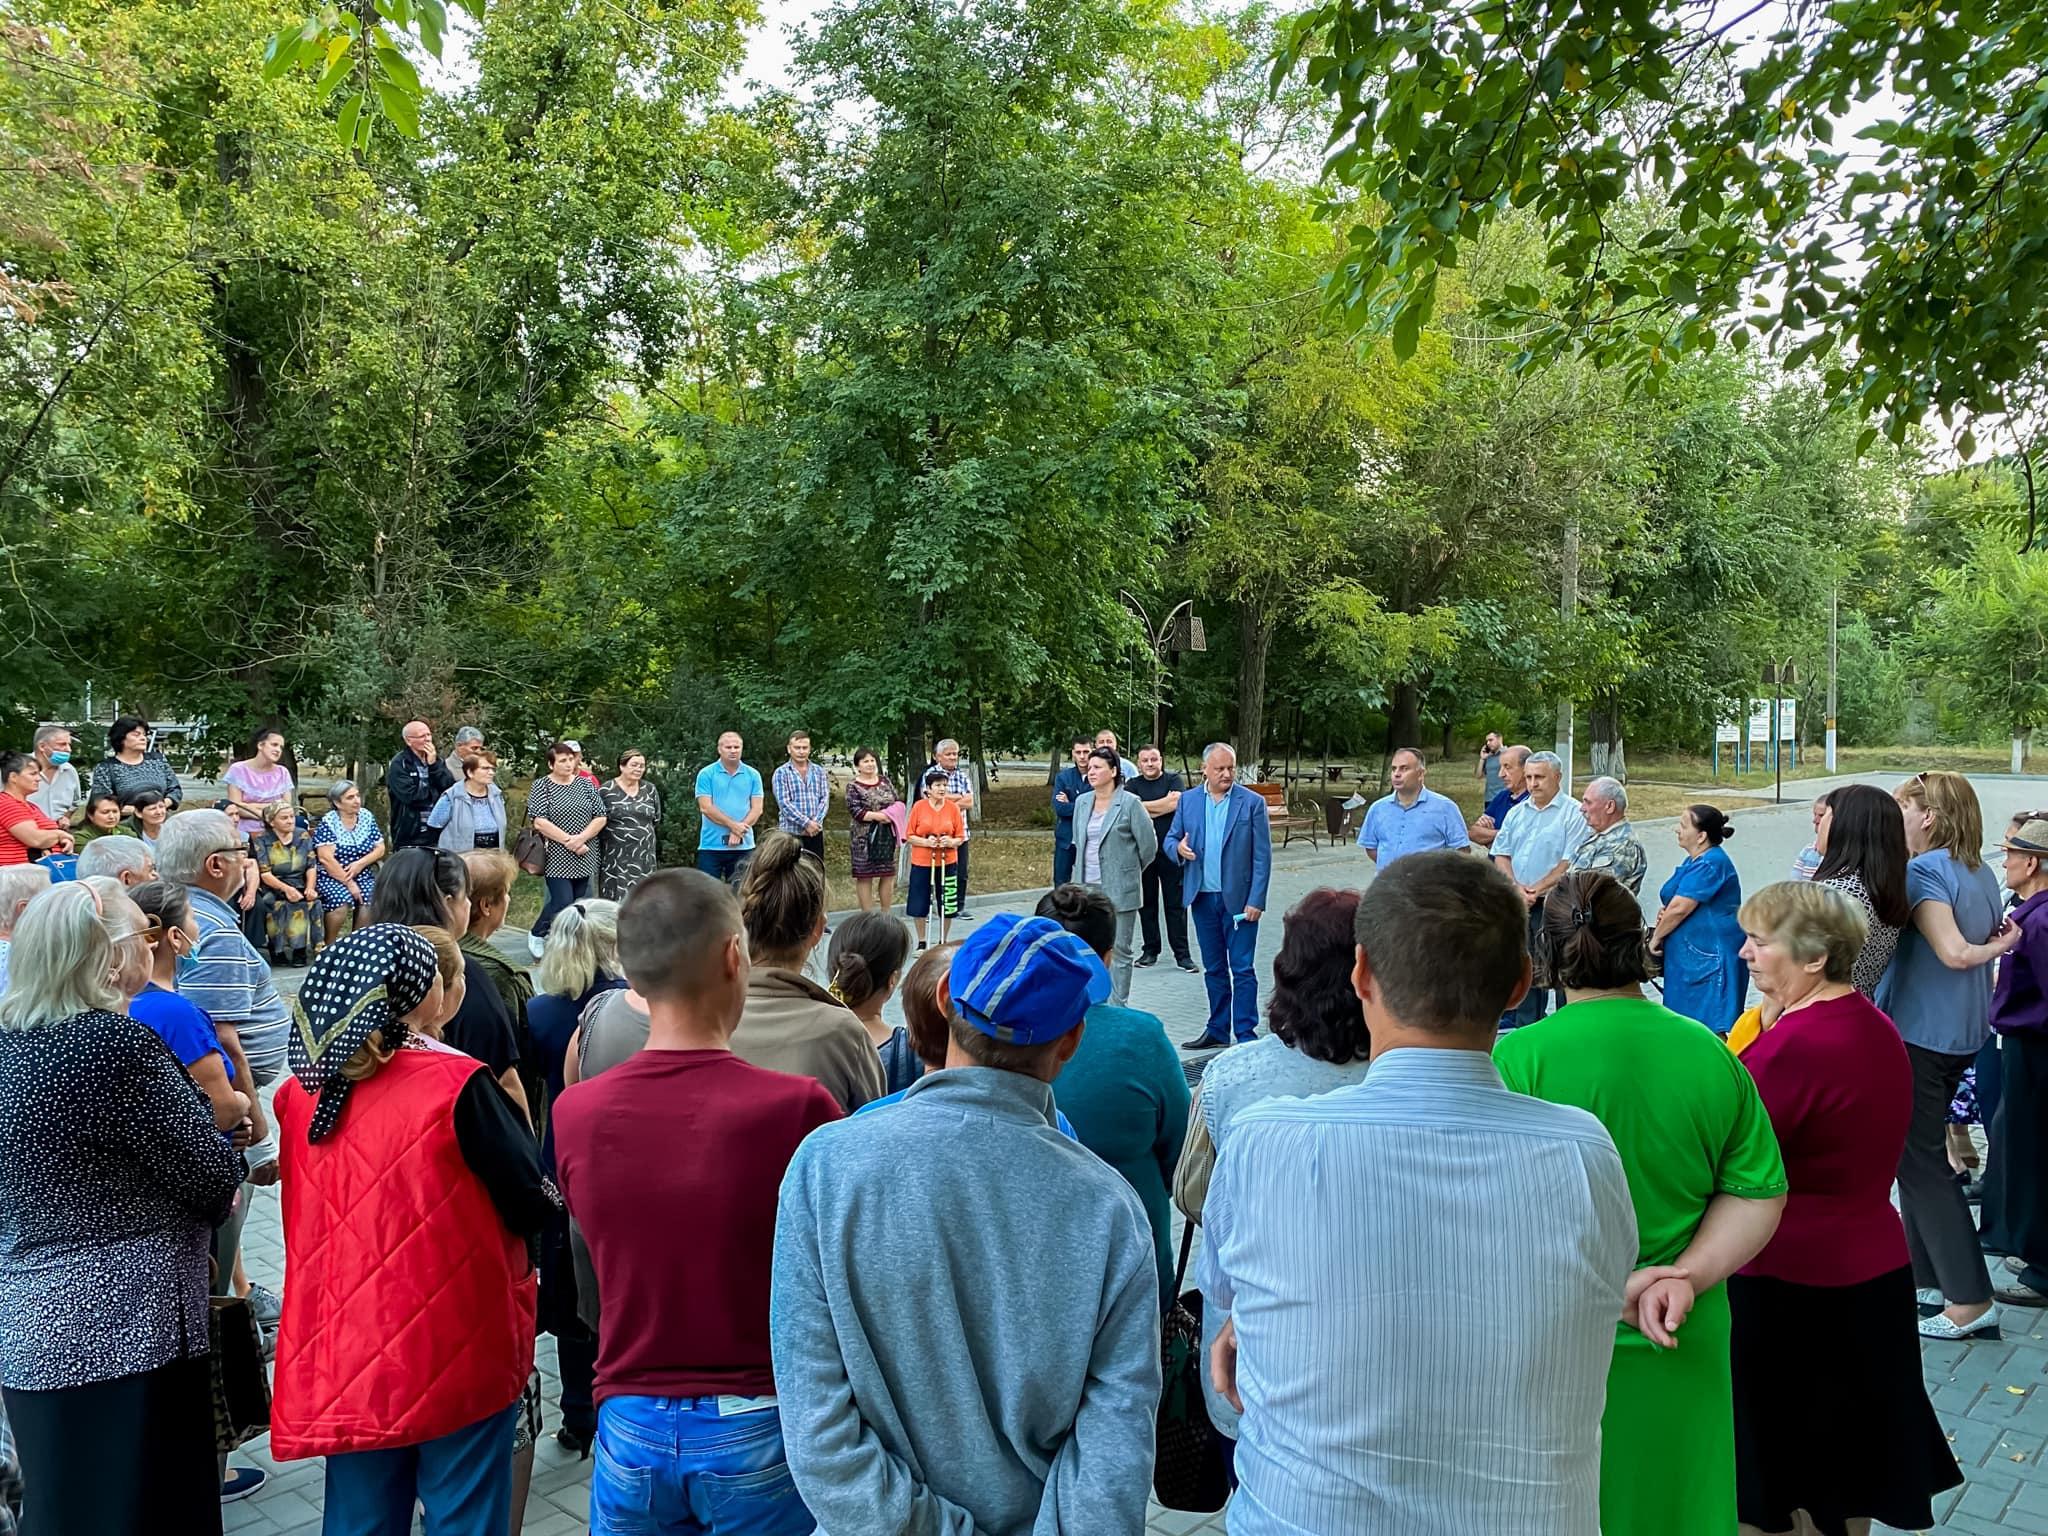 Додон: Победа в Гагаузии кандидатов от Блока коммунистов и социалистов гарантирует преемственность нашего курса на укрепление социальных гарантий населению (ФОТО)